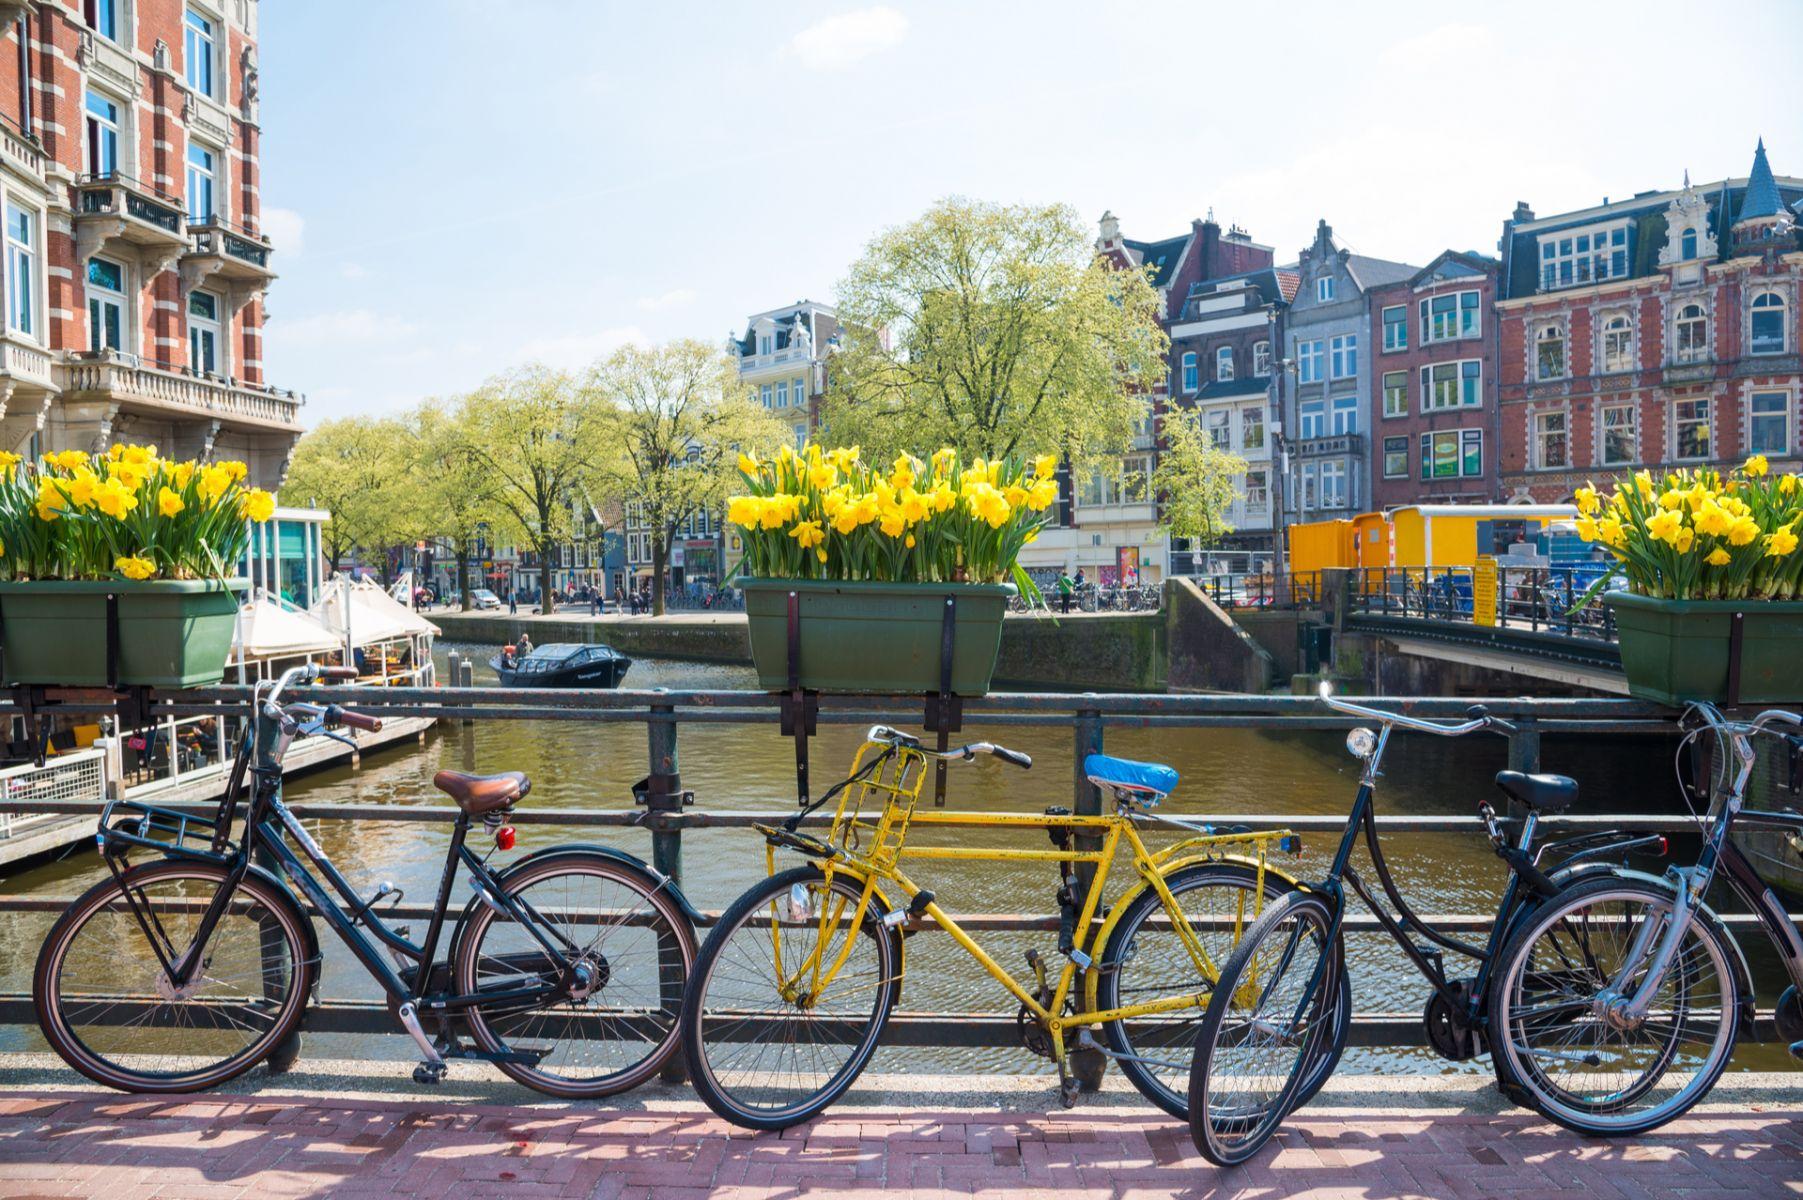 騎腳踏車趴趴走、海邊散步喝咖啡!荷蘭人快樂退休的秘密